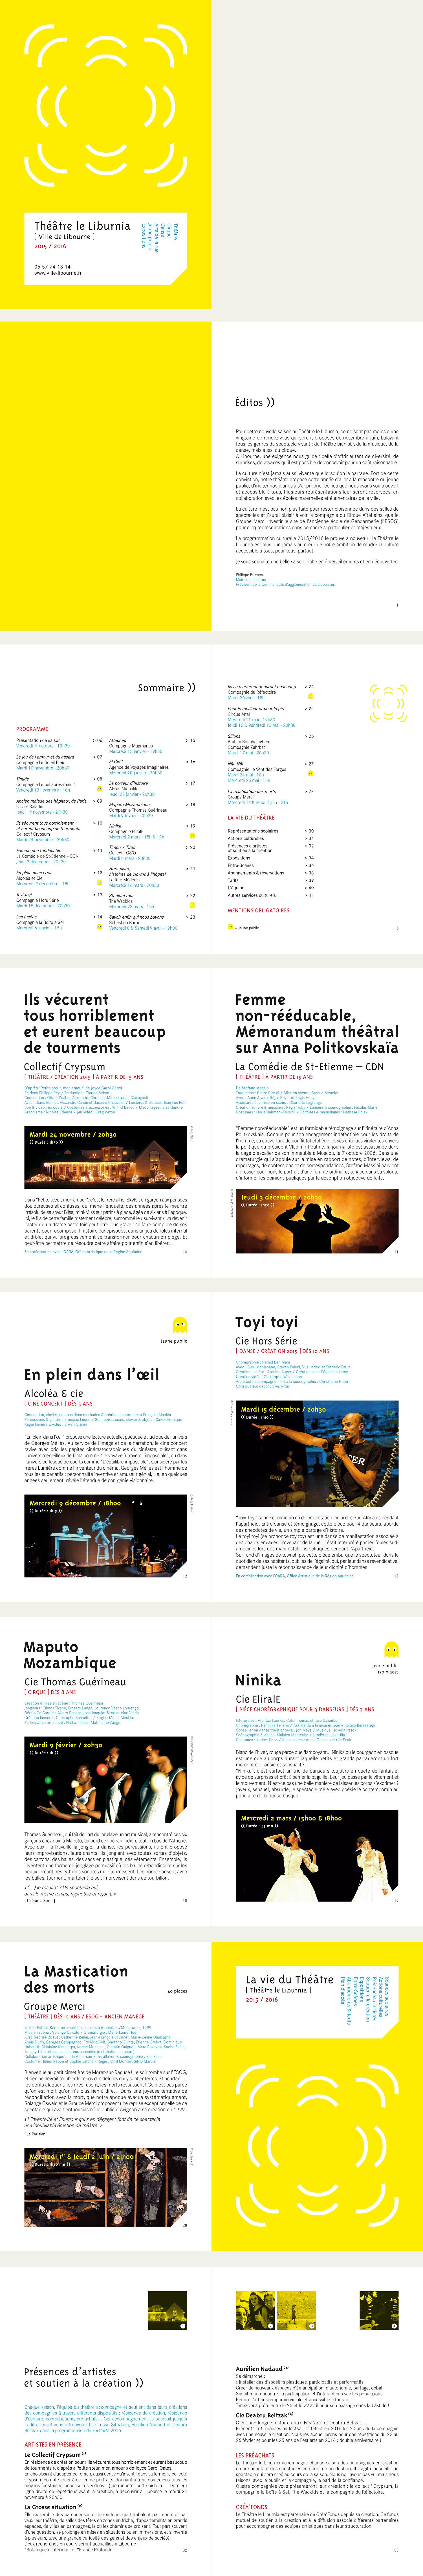 MrThornill-design-theatre-le-liburnia-2015-programme